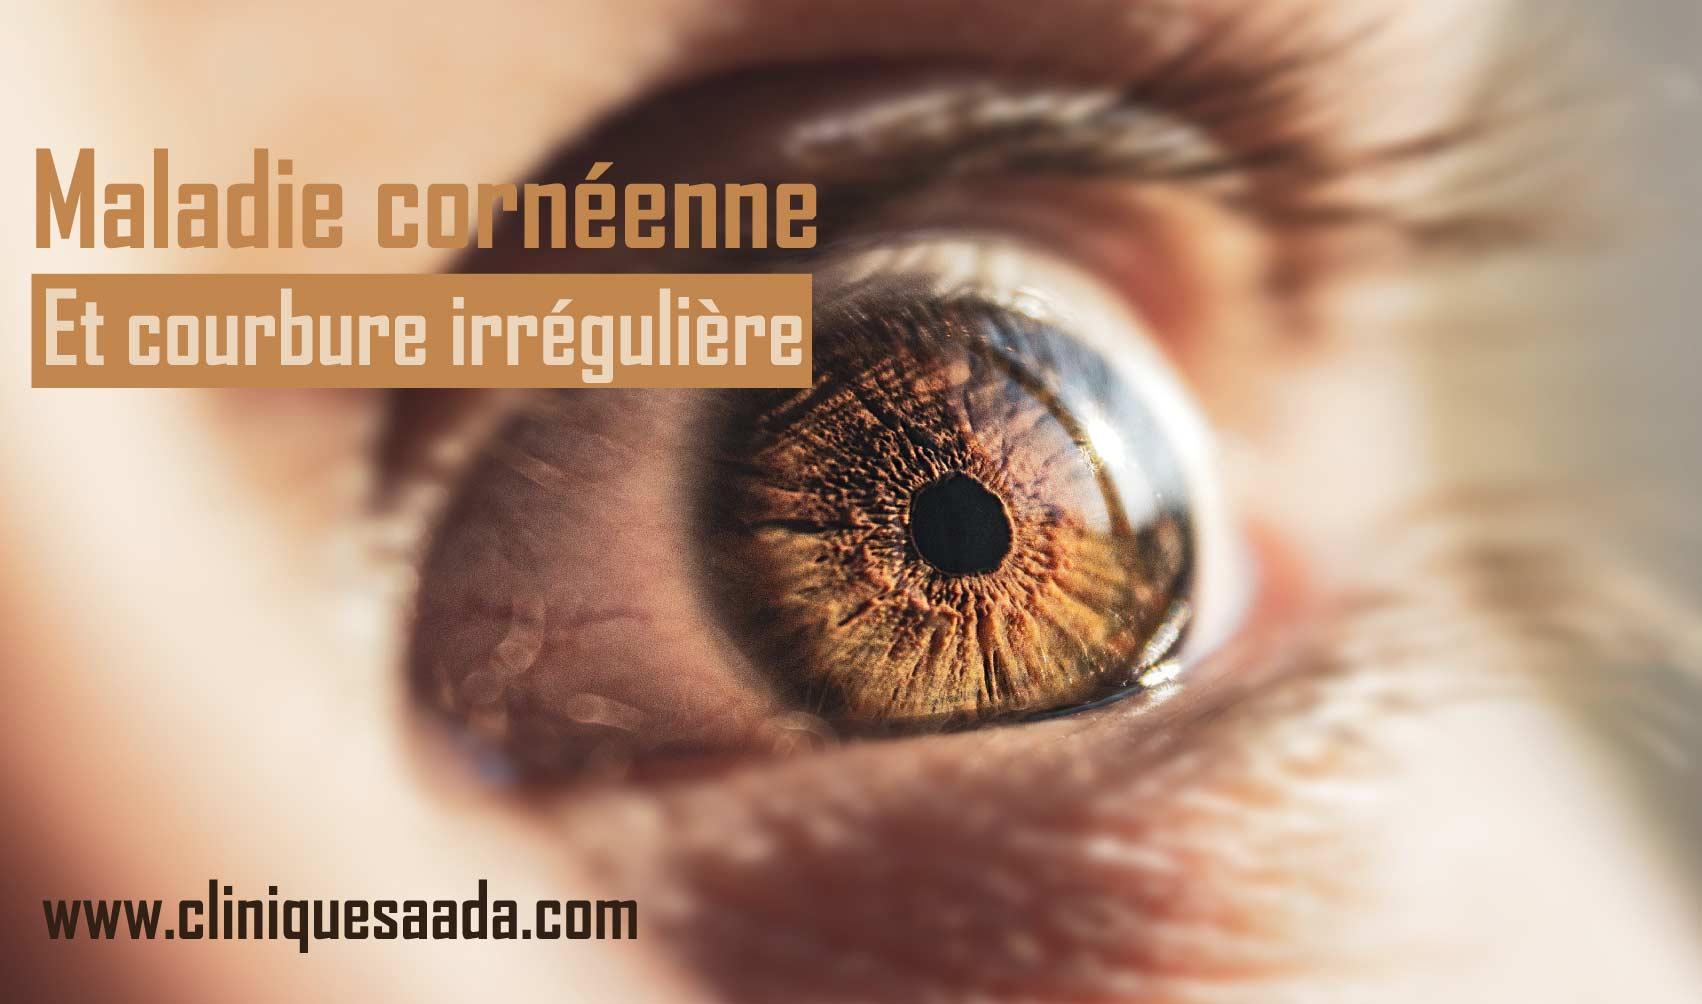 You are currently viewing Maladie cornéenne et courbure irrégulière